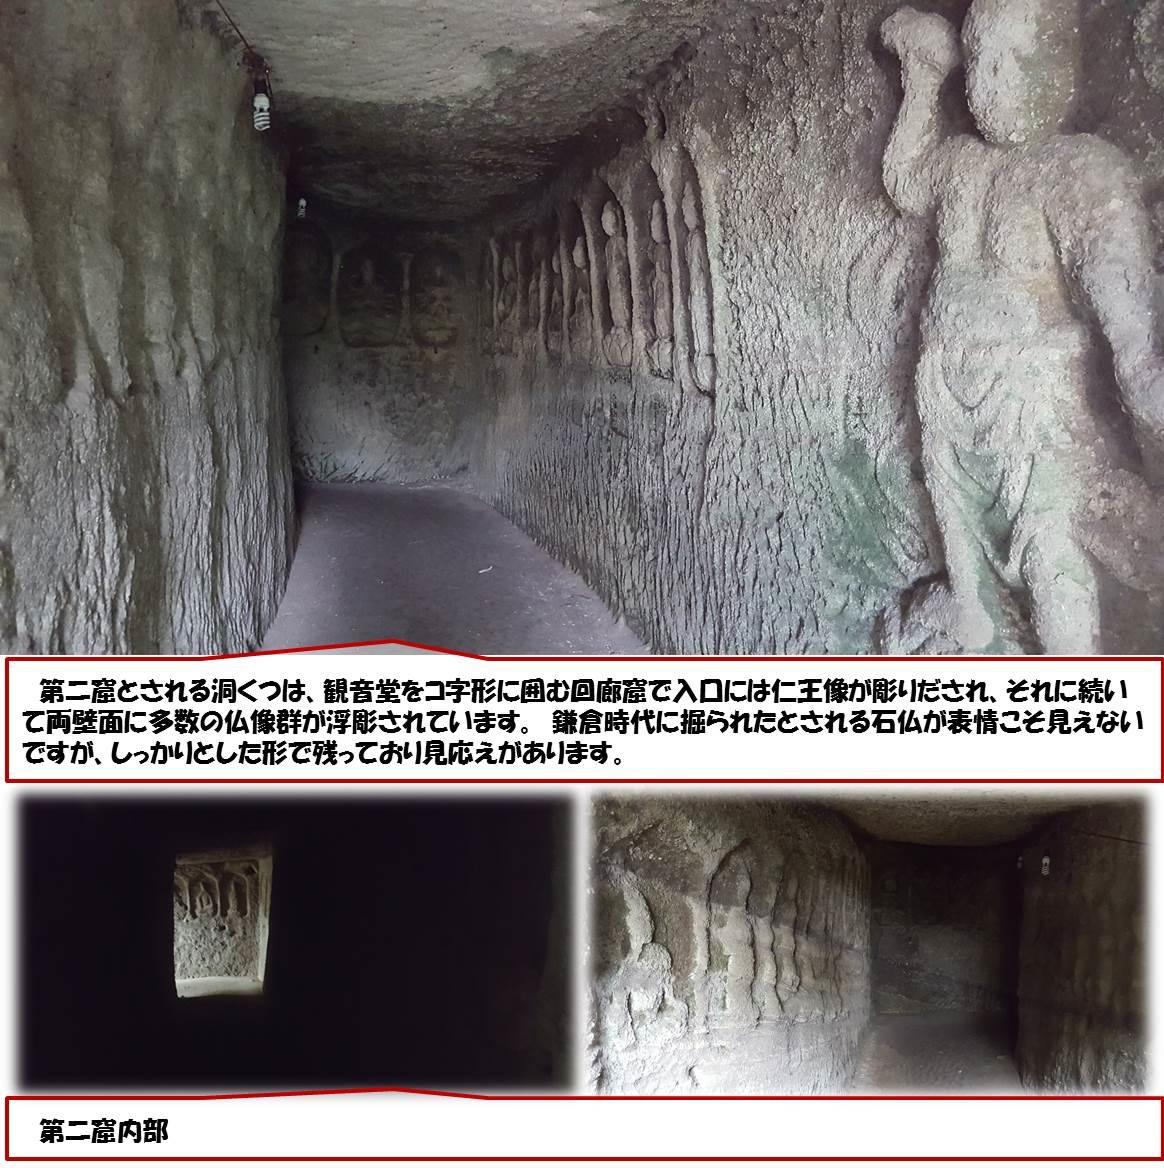 第二窟とされる洞くつは、観音堂をコ字形に囲む回廊窟で入口には仁王像が彫りだされ、それに続いて両壁面に多数の仏像群が浮彫されています。 鎌倉時代に掘られたとされる石仏が表情こそ見えないですが、しっかりとした形で残っており見応えがあります。 第二窟内部